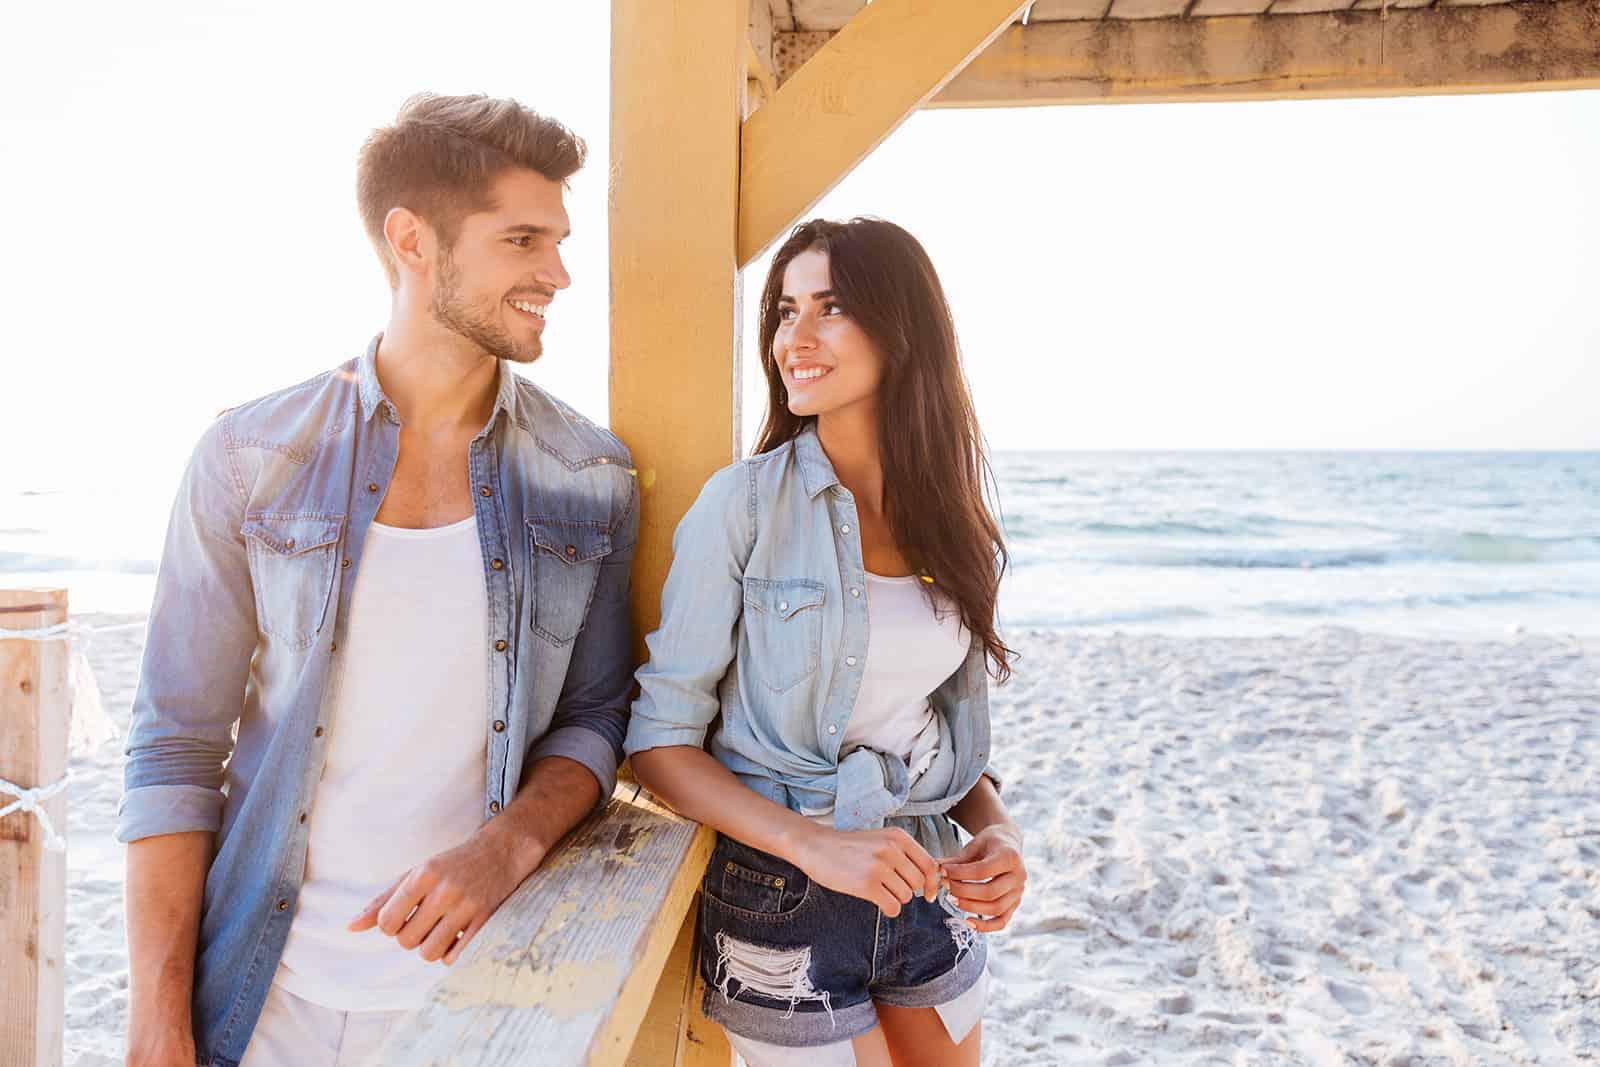 Ein Mann und eine Frau flirten, während sie sich ansahen